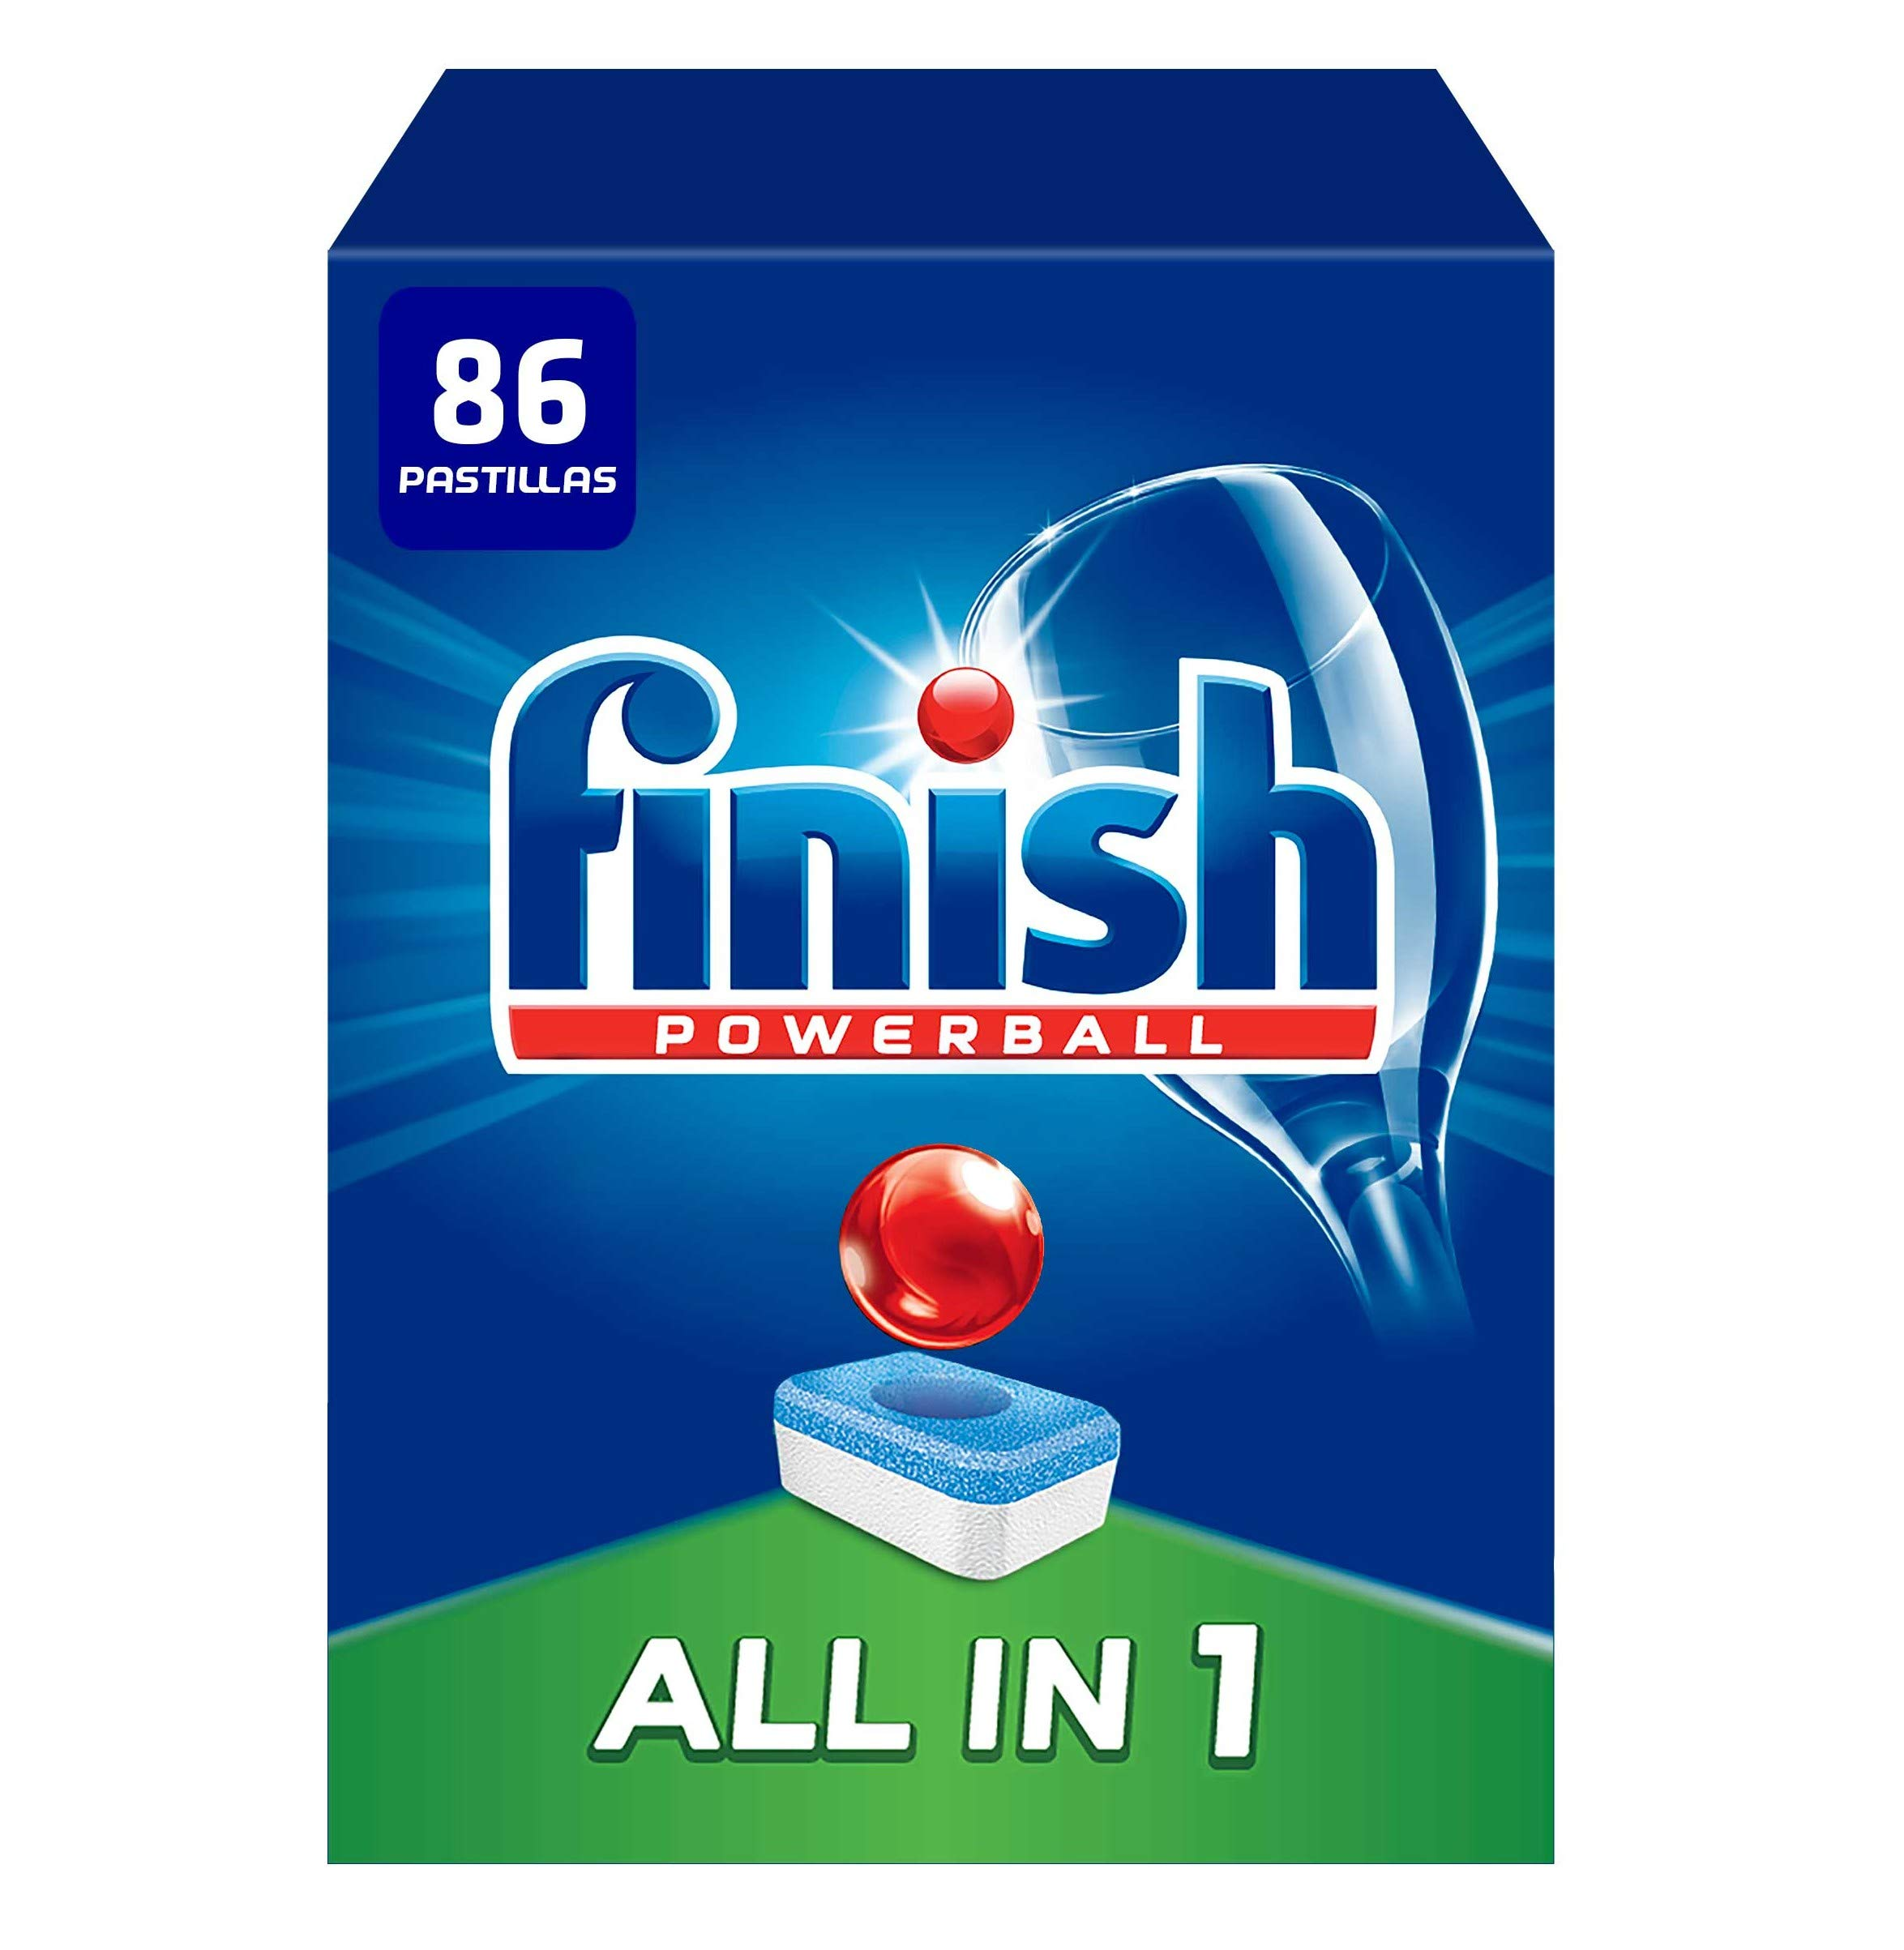 Finish Powerball All in 1 Original - Pastillas para el Lavavajillas Todo en 1, Fragancia Limón, Formato 86 Unidades